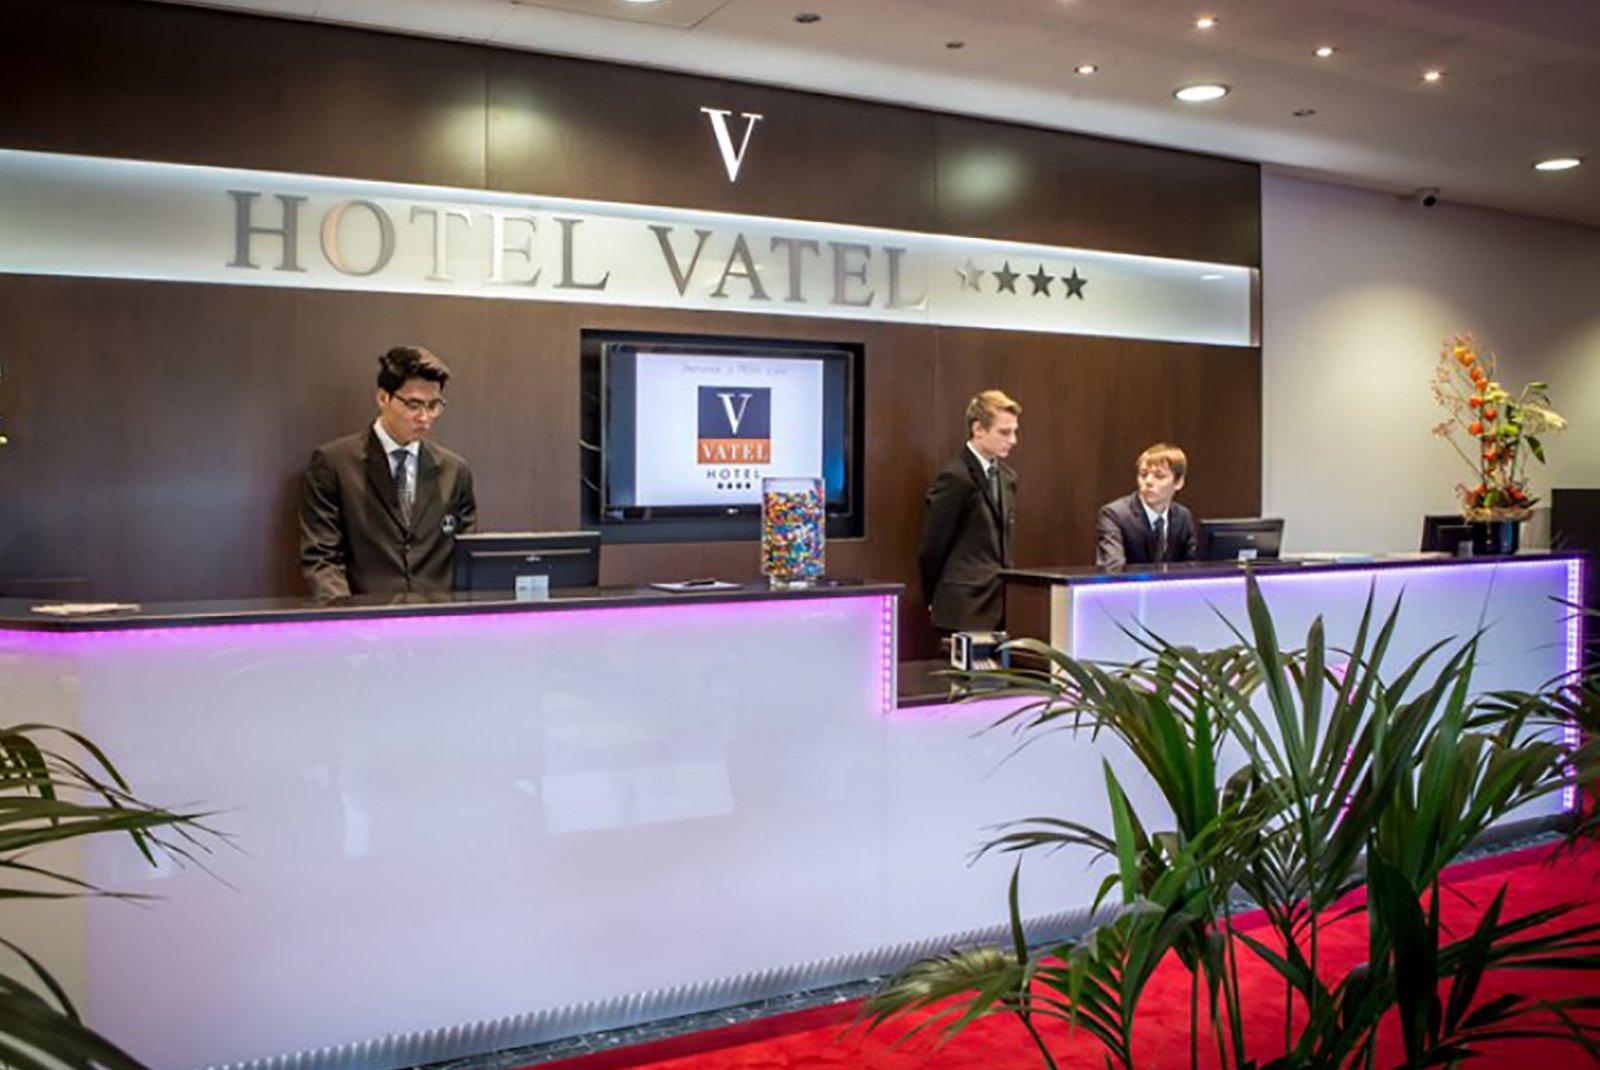 校区内有四星级酒店,在瑞士史无前例